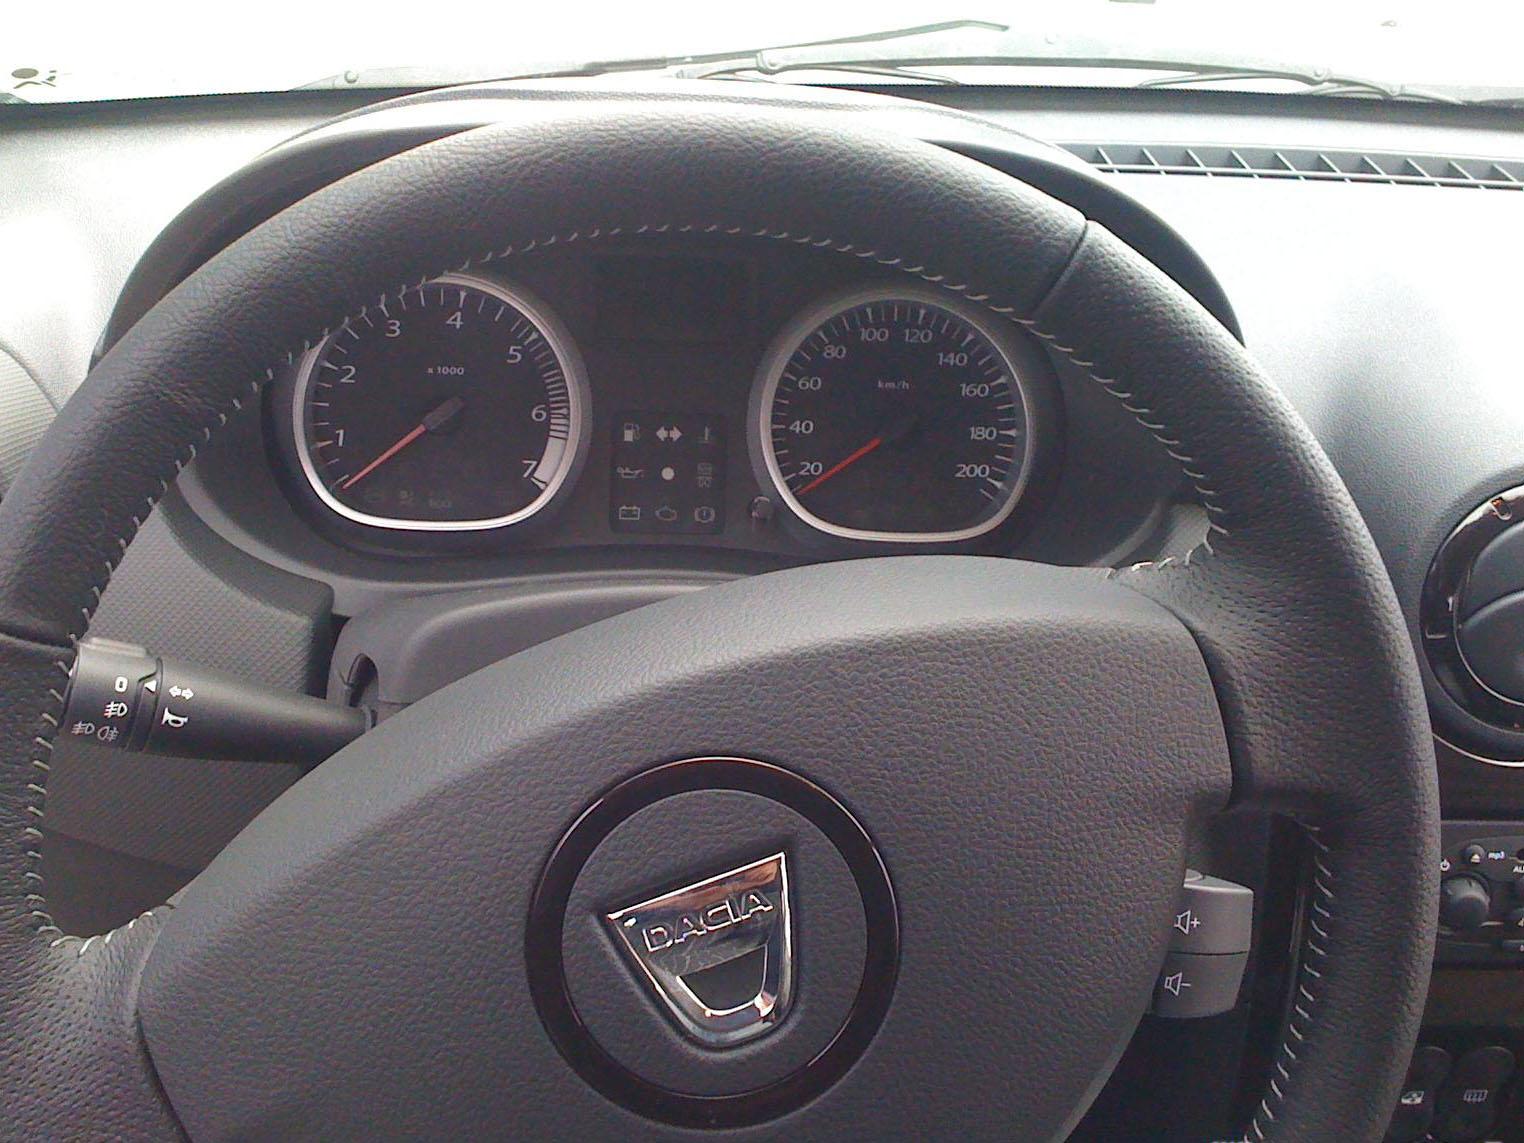 Imagini dacia duster din interior for Dacia duster foto interni